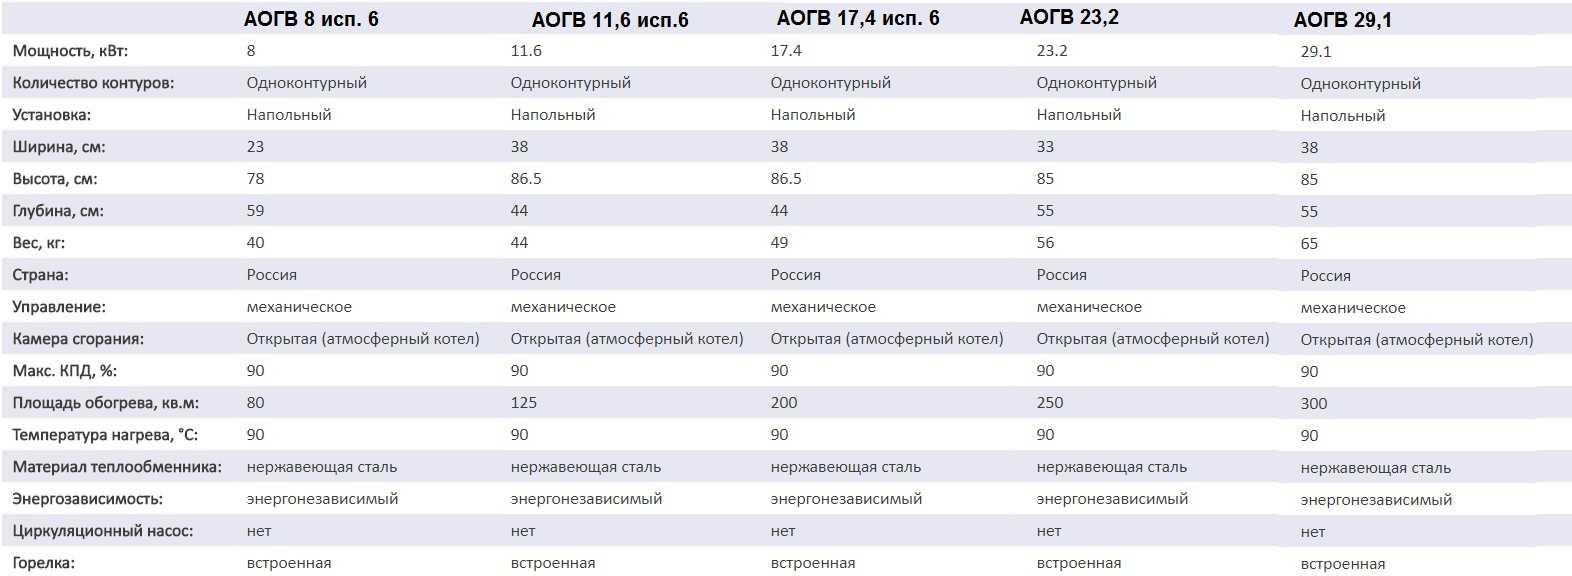 Технические характеристики котлов АОГВ разной мощности